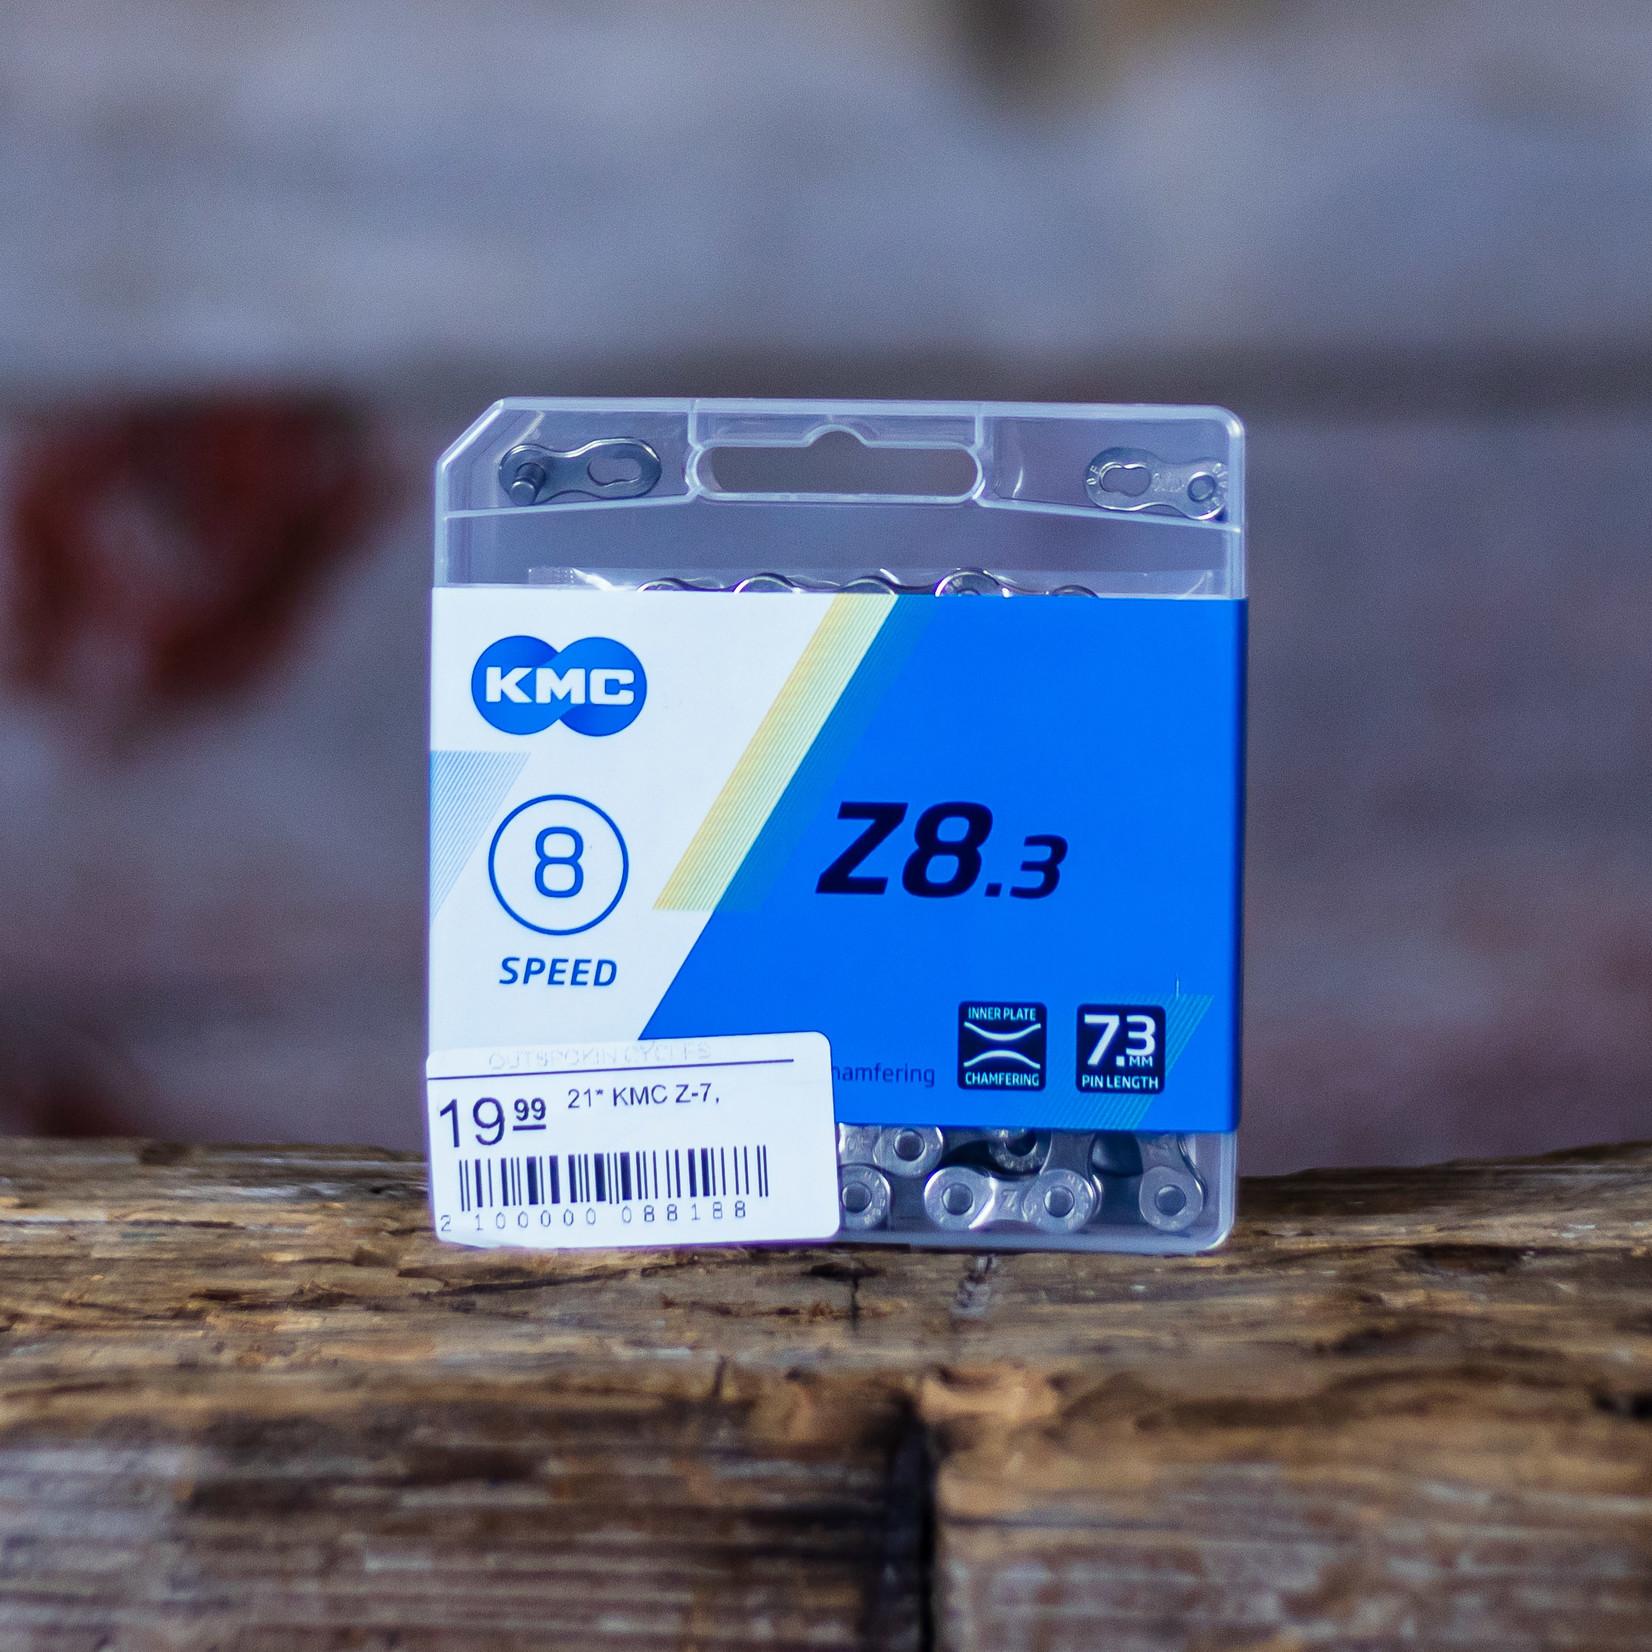 KMC Z8.3